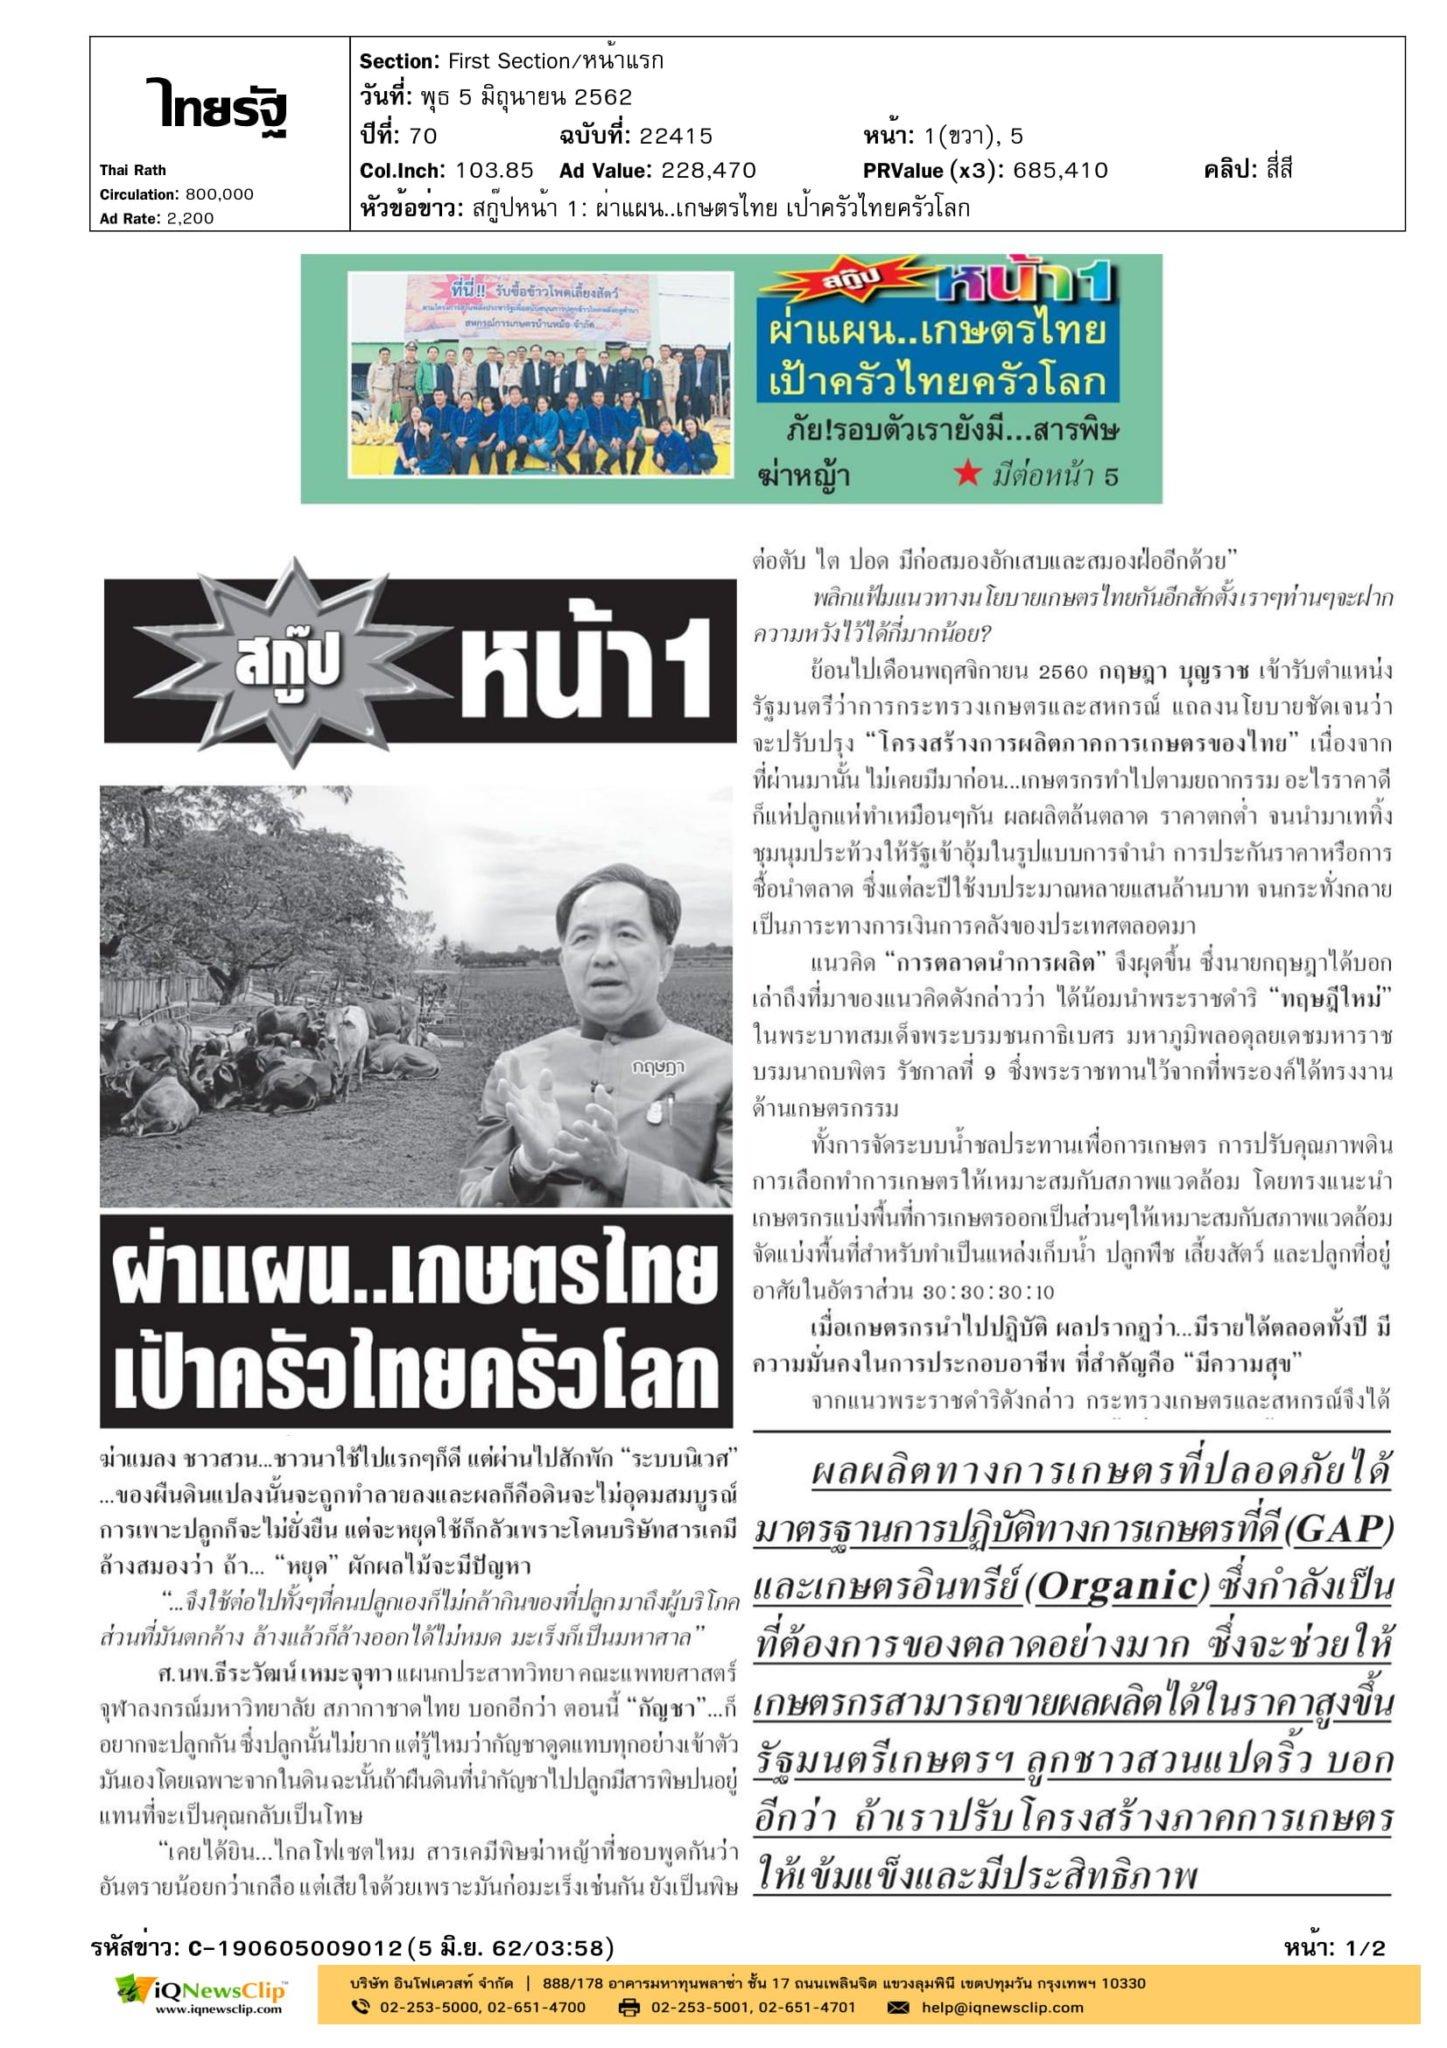 ผ่าแผน..เกษตรไทย เป้าครัวไทยครัวโลก